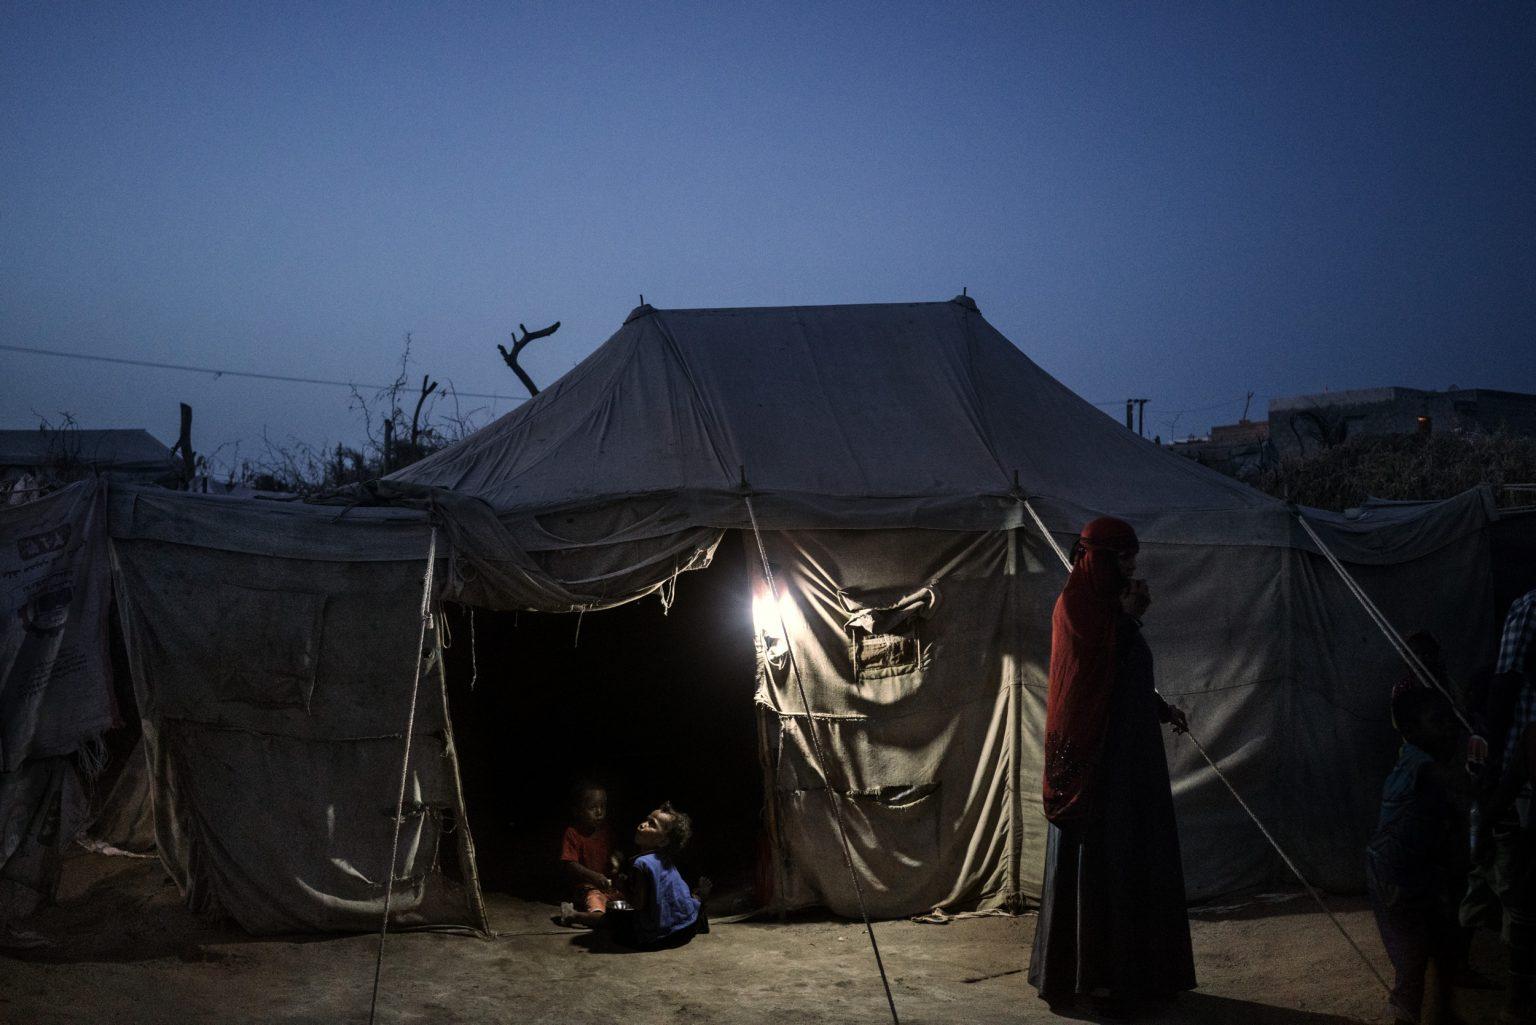 Aden, Yemen, May 20th, 2018 - The tent of Salah Galib, 13, in the IDP camp in Mishgafa, north of Aden. He was hit by a mortar while tending the family goats in his village near the city of Taiz. Now he lives with his aunt. In southern Yemen, a trickle of Yemenis fleeing war in December has grown to more than 140,000 today, with hundreds more abandoning their homes each day. Refugee camps have sprung up across this region, adding pressure on western aid agencies and hospitals while worsening a humanitarian crisis that's already considered the most severe in the world.  Most are running away from clashes near the strategic port city of Hodeidah, controlled by northern rebels but now facing a siege by Yemeni forces aligned with a U.S.-backed coalition, led by Saudi Arabia and the United Arab Emirates.  >< Aden, Yemen, 20 maggio 2018 - La tenda dove vive Salah Galib, 13 anni, nel campo profughi di Mishgafa, a nord di Aden. Salah è stato ferito da un mortaio mentre si occupava delle capre di famiglia nel suo villaggio vicino alla città di Taiz. Ha perso la mano sinistra e il piede sinistro. Ora vive con la zia nel campo profughi. Nel sud dello Yemen, il flusso di rifugiati in fuga dalla guerra è cresciuto a dismisura nei mesi recenti. Nuovi campi profughi sono sorti in tutto il sud del paese, aggiungendo pressione sul lavoro dell agenzie umanitarie, e andando a  peggiorare una crisi umanitaria che è già considerata la più grave al mondo. La maggior parte dei profughi si allontana dagli scontri nei pressi della città portuale di Hodeidah, controllata dai ribelli del nord, ma al momento di assediata delle milizie yemenite alleate  con la coalizione sostenuta dagli Stati Uniti e guidata dall'Arabia Saudita e dagli Emirati Arabi Uniti.